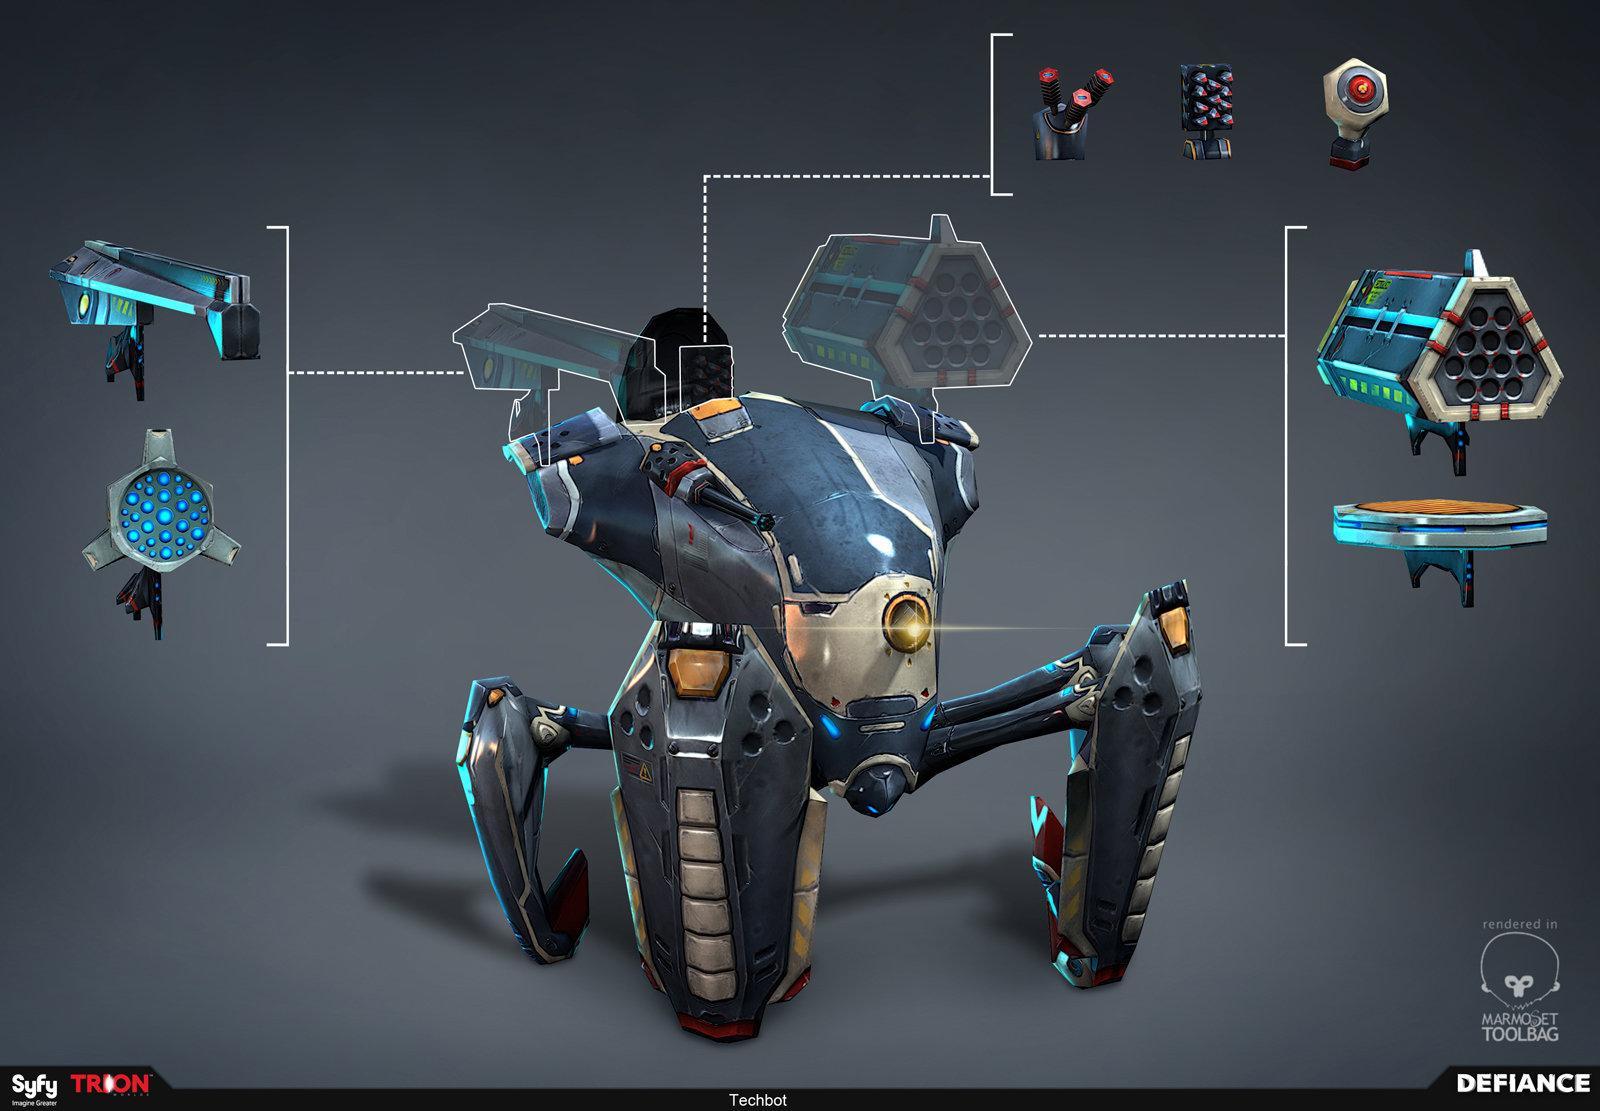 Defiance - Techbot